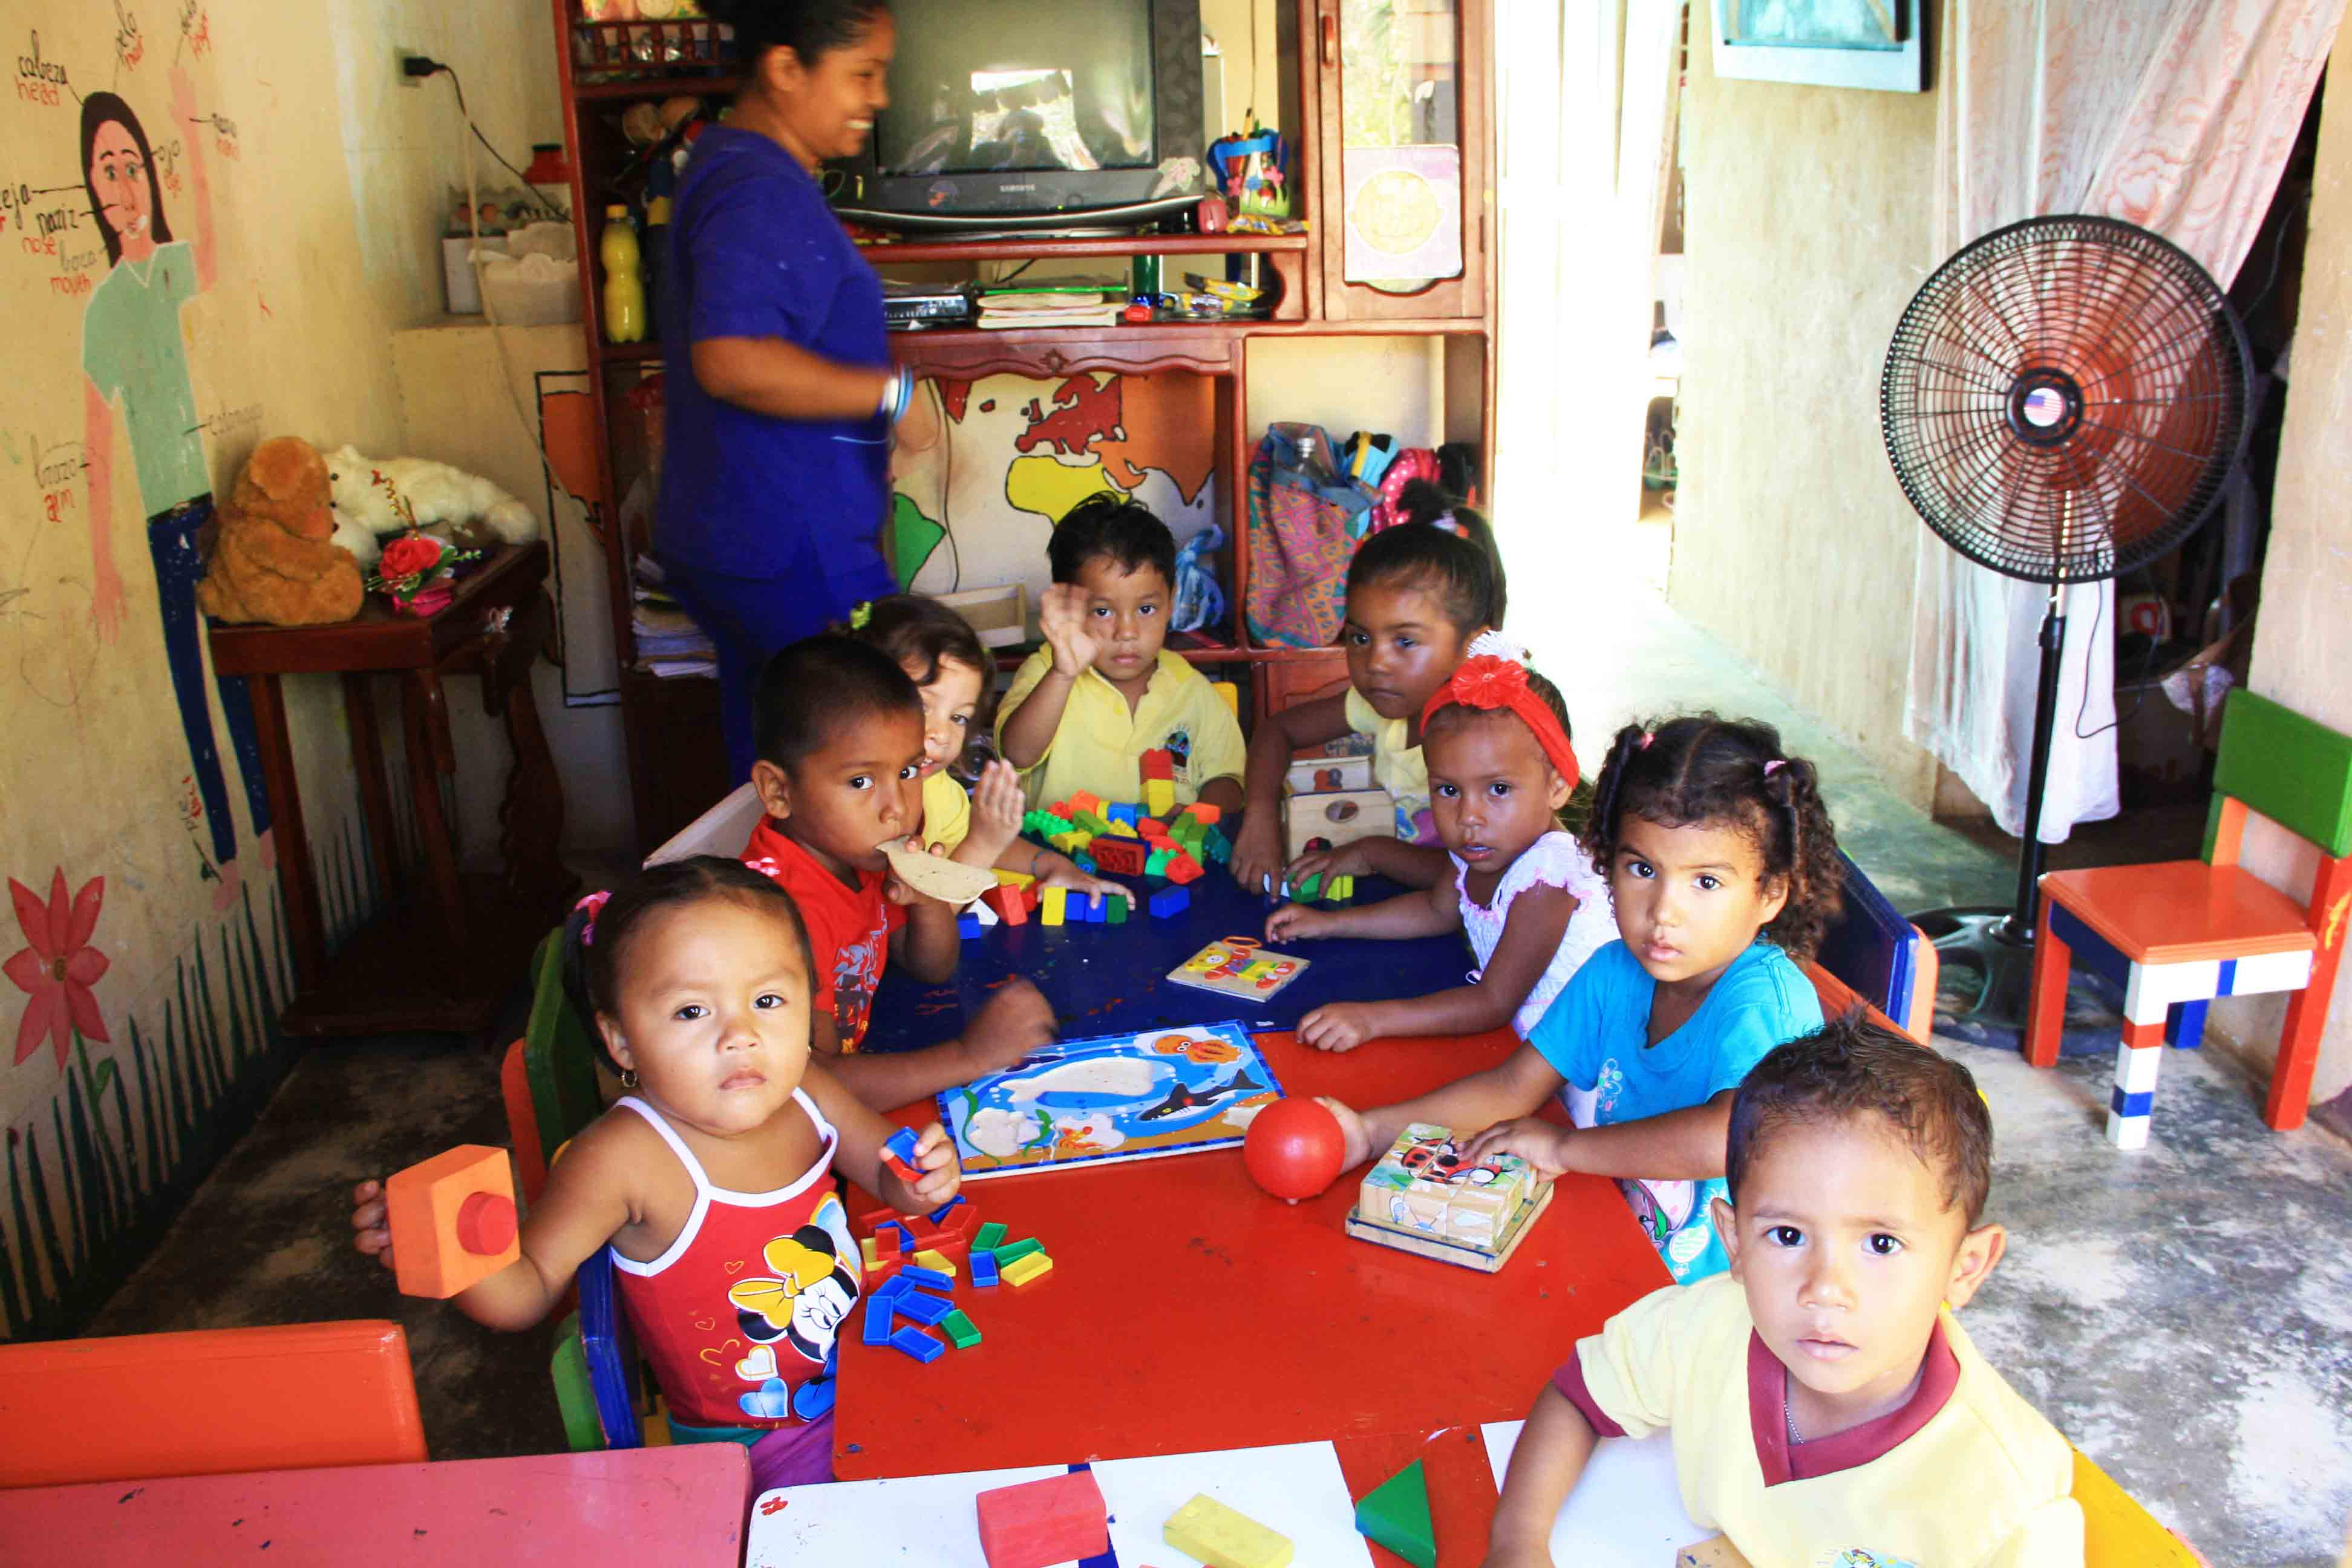 Elementary school Mi Casa en Ipauratu Foundation Ciolombia